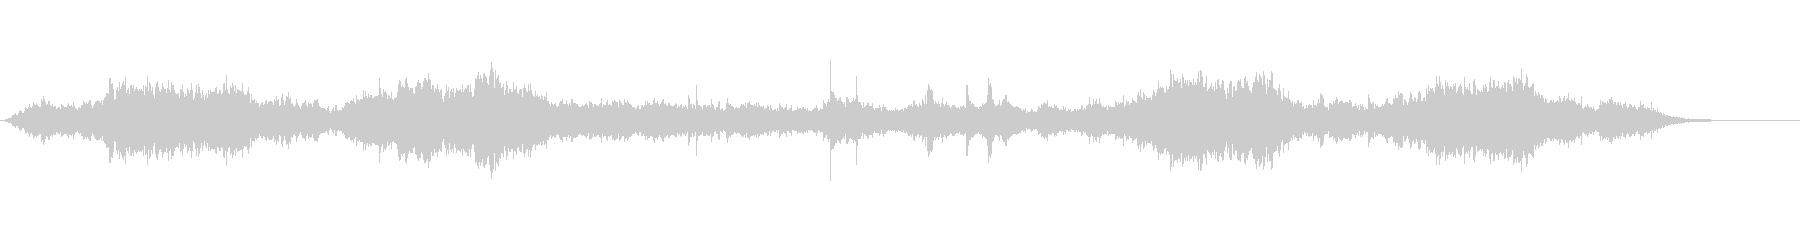 暗く不穏な雰囲気のBGMの未再生の波形